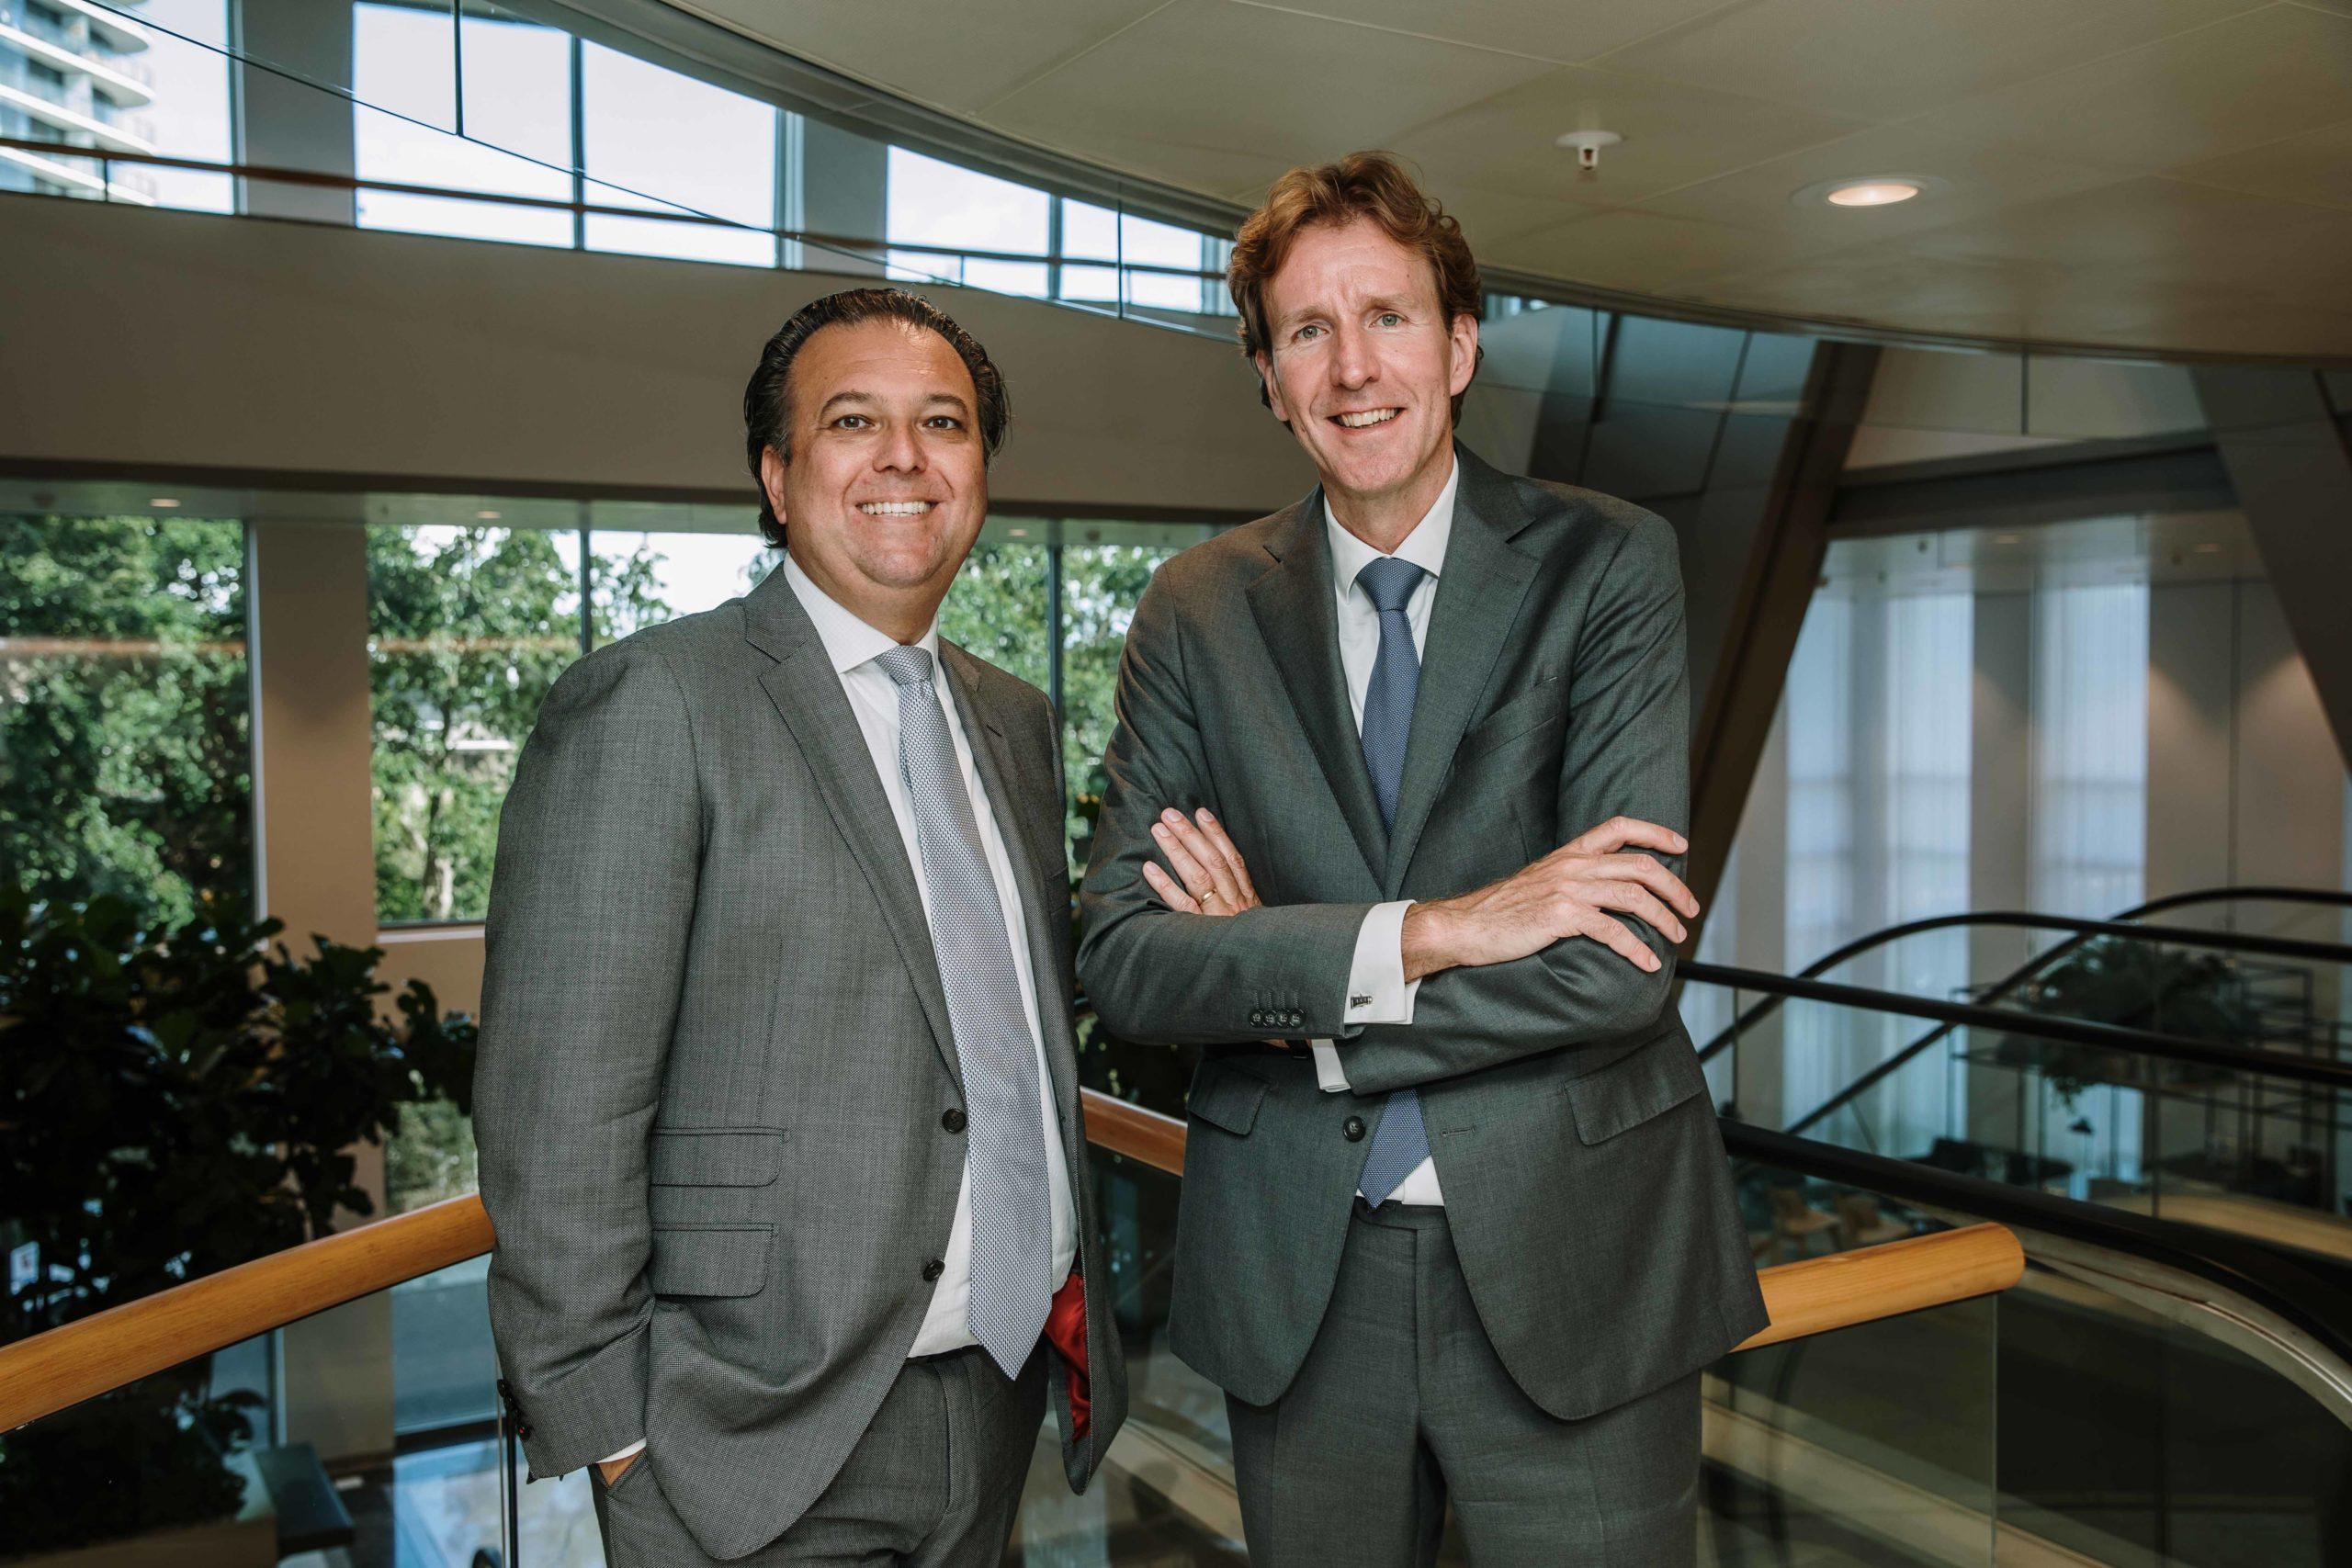 Duurzaam investeren bij een private bank met diepgewortelde waarden